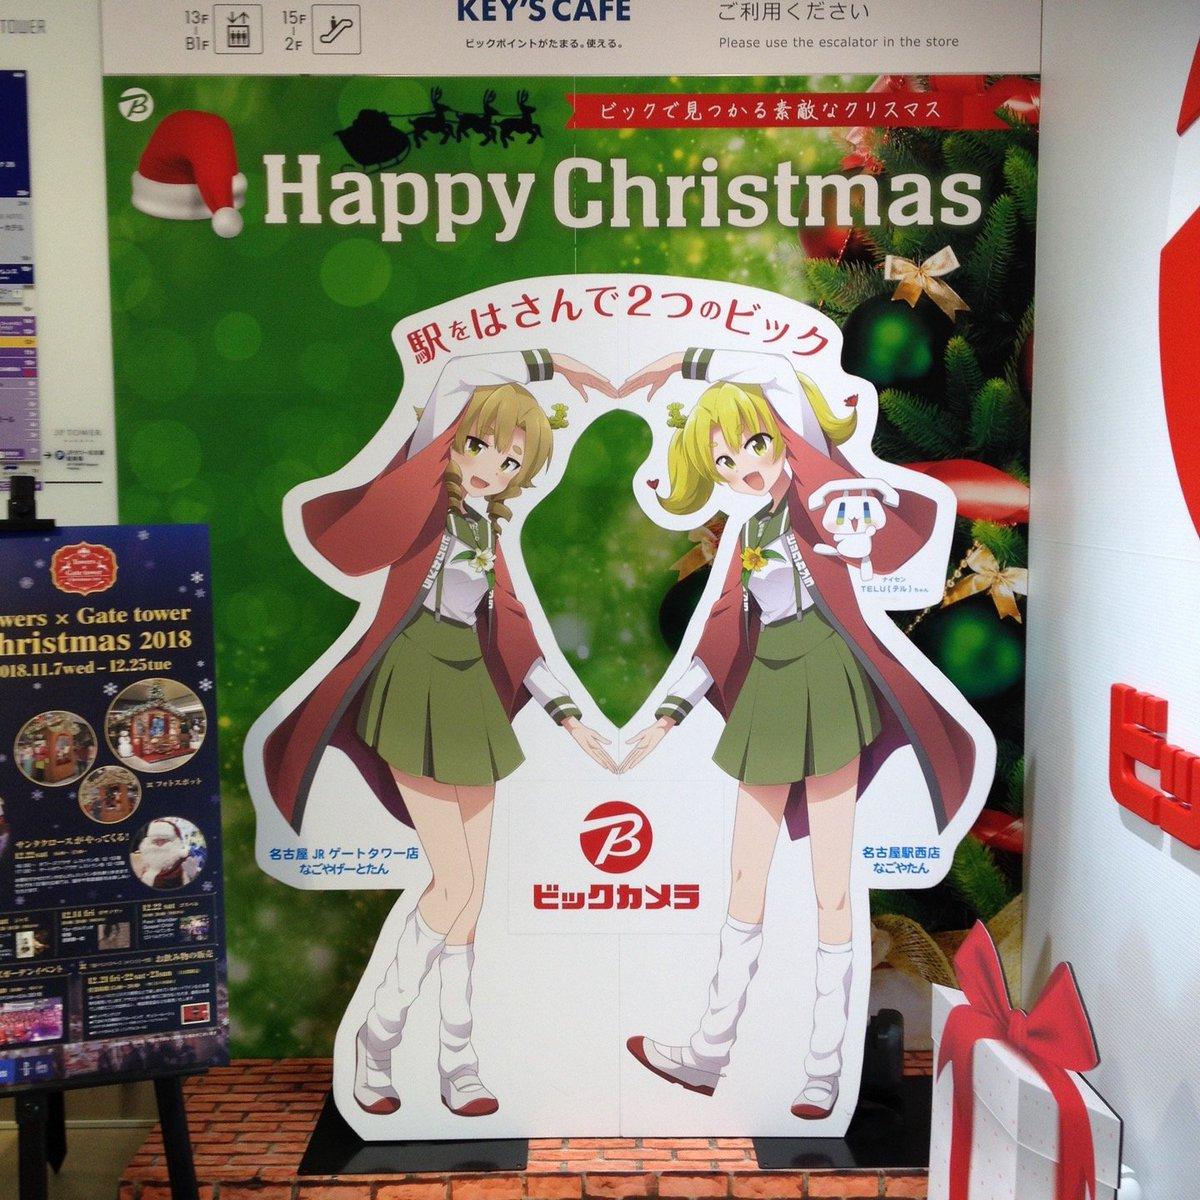 ビックカメラ 名古屋JRゲートタワー店 駅をはさんで2つのビック(クリスマス)